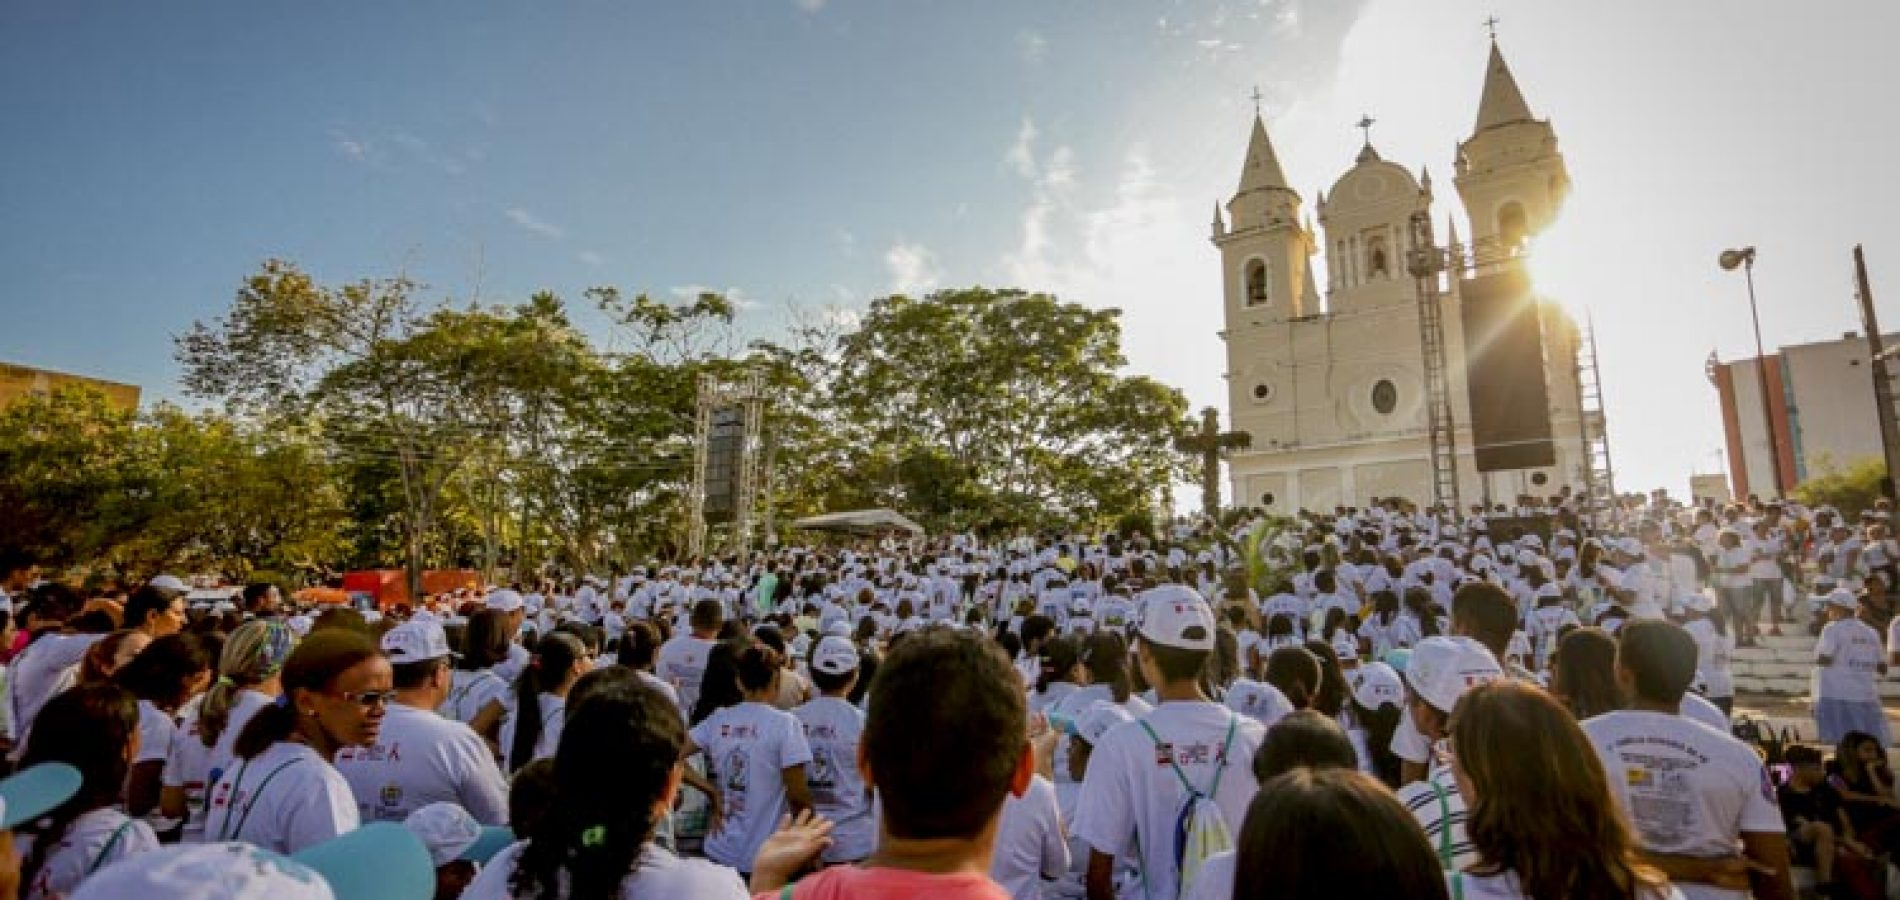 Bando rende equipe da Caminhada da Fraternidade e rouba cerca de R$ 25 mil no Piauí